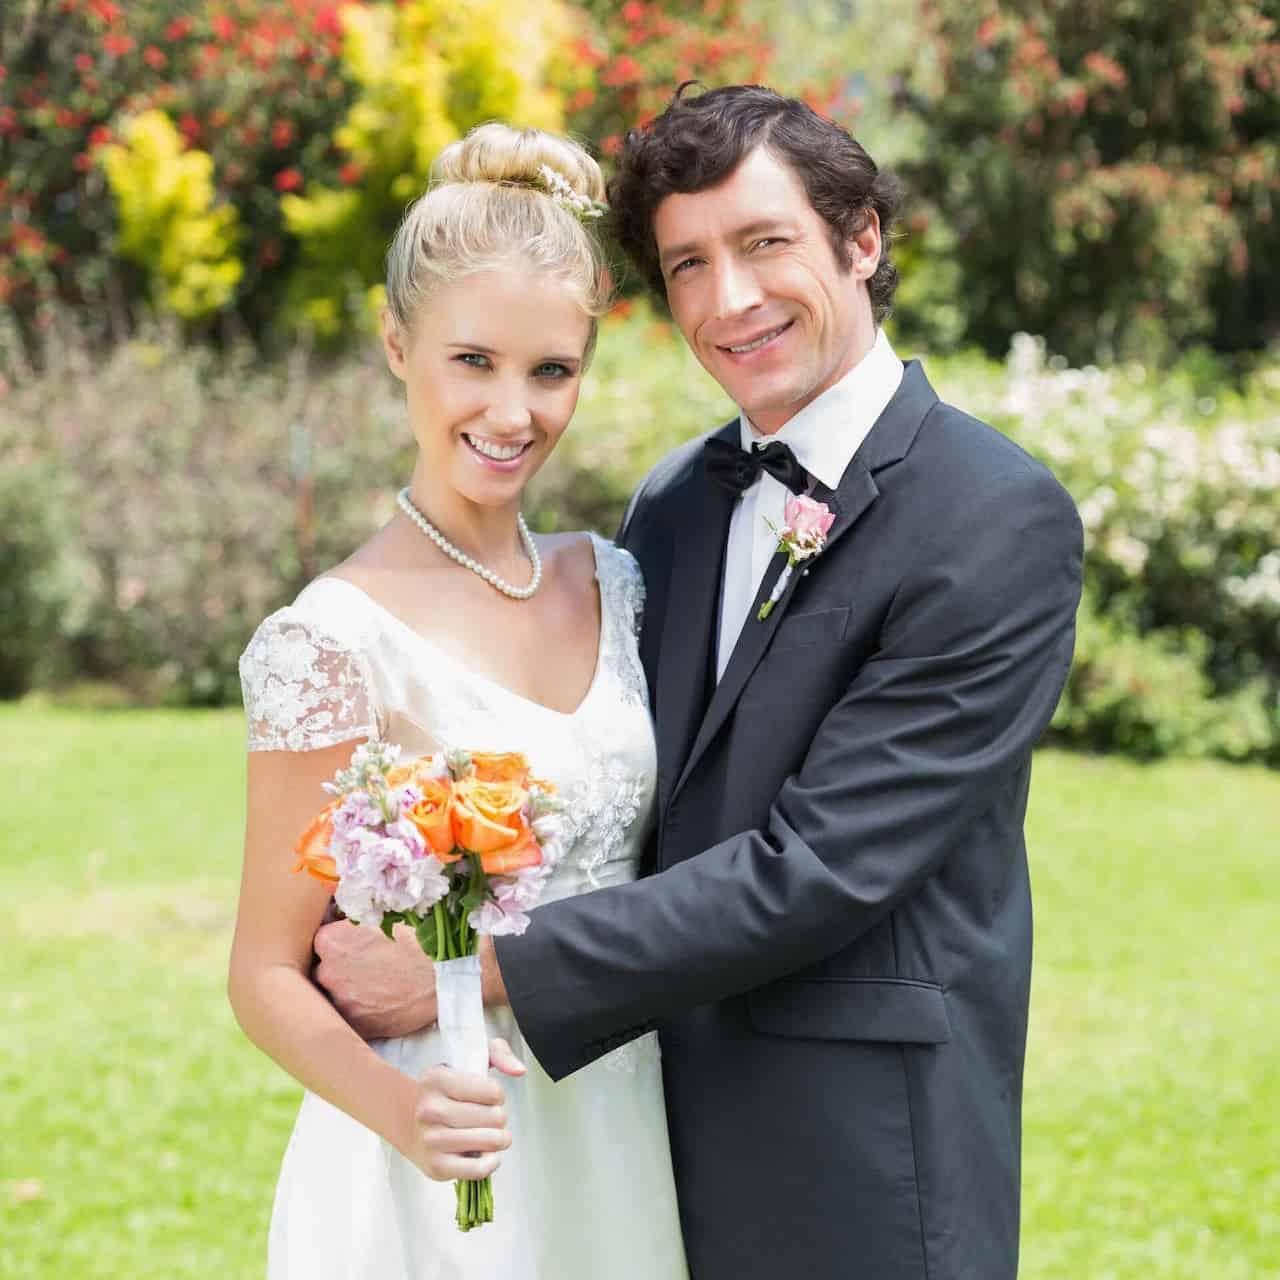 Svatba s cizincem, společné foto